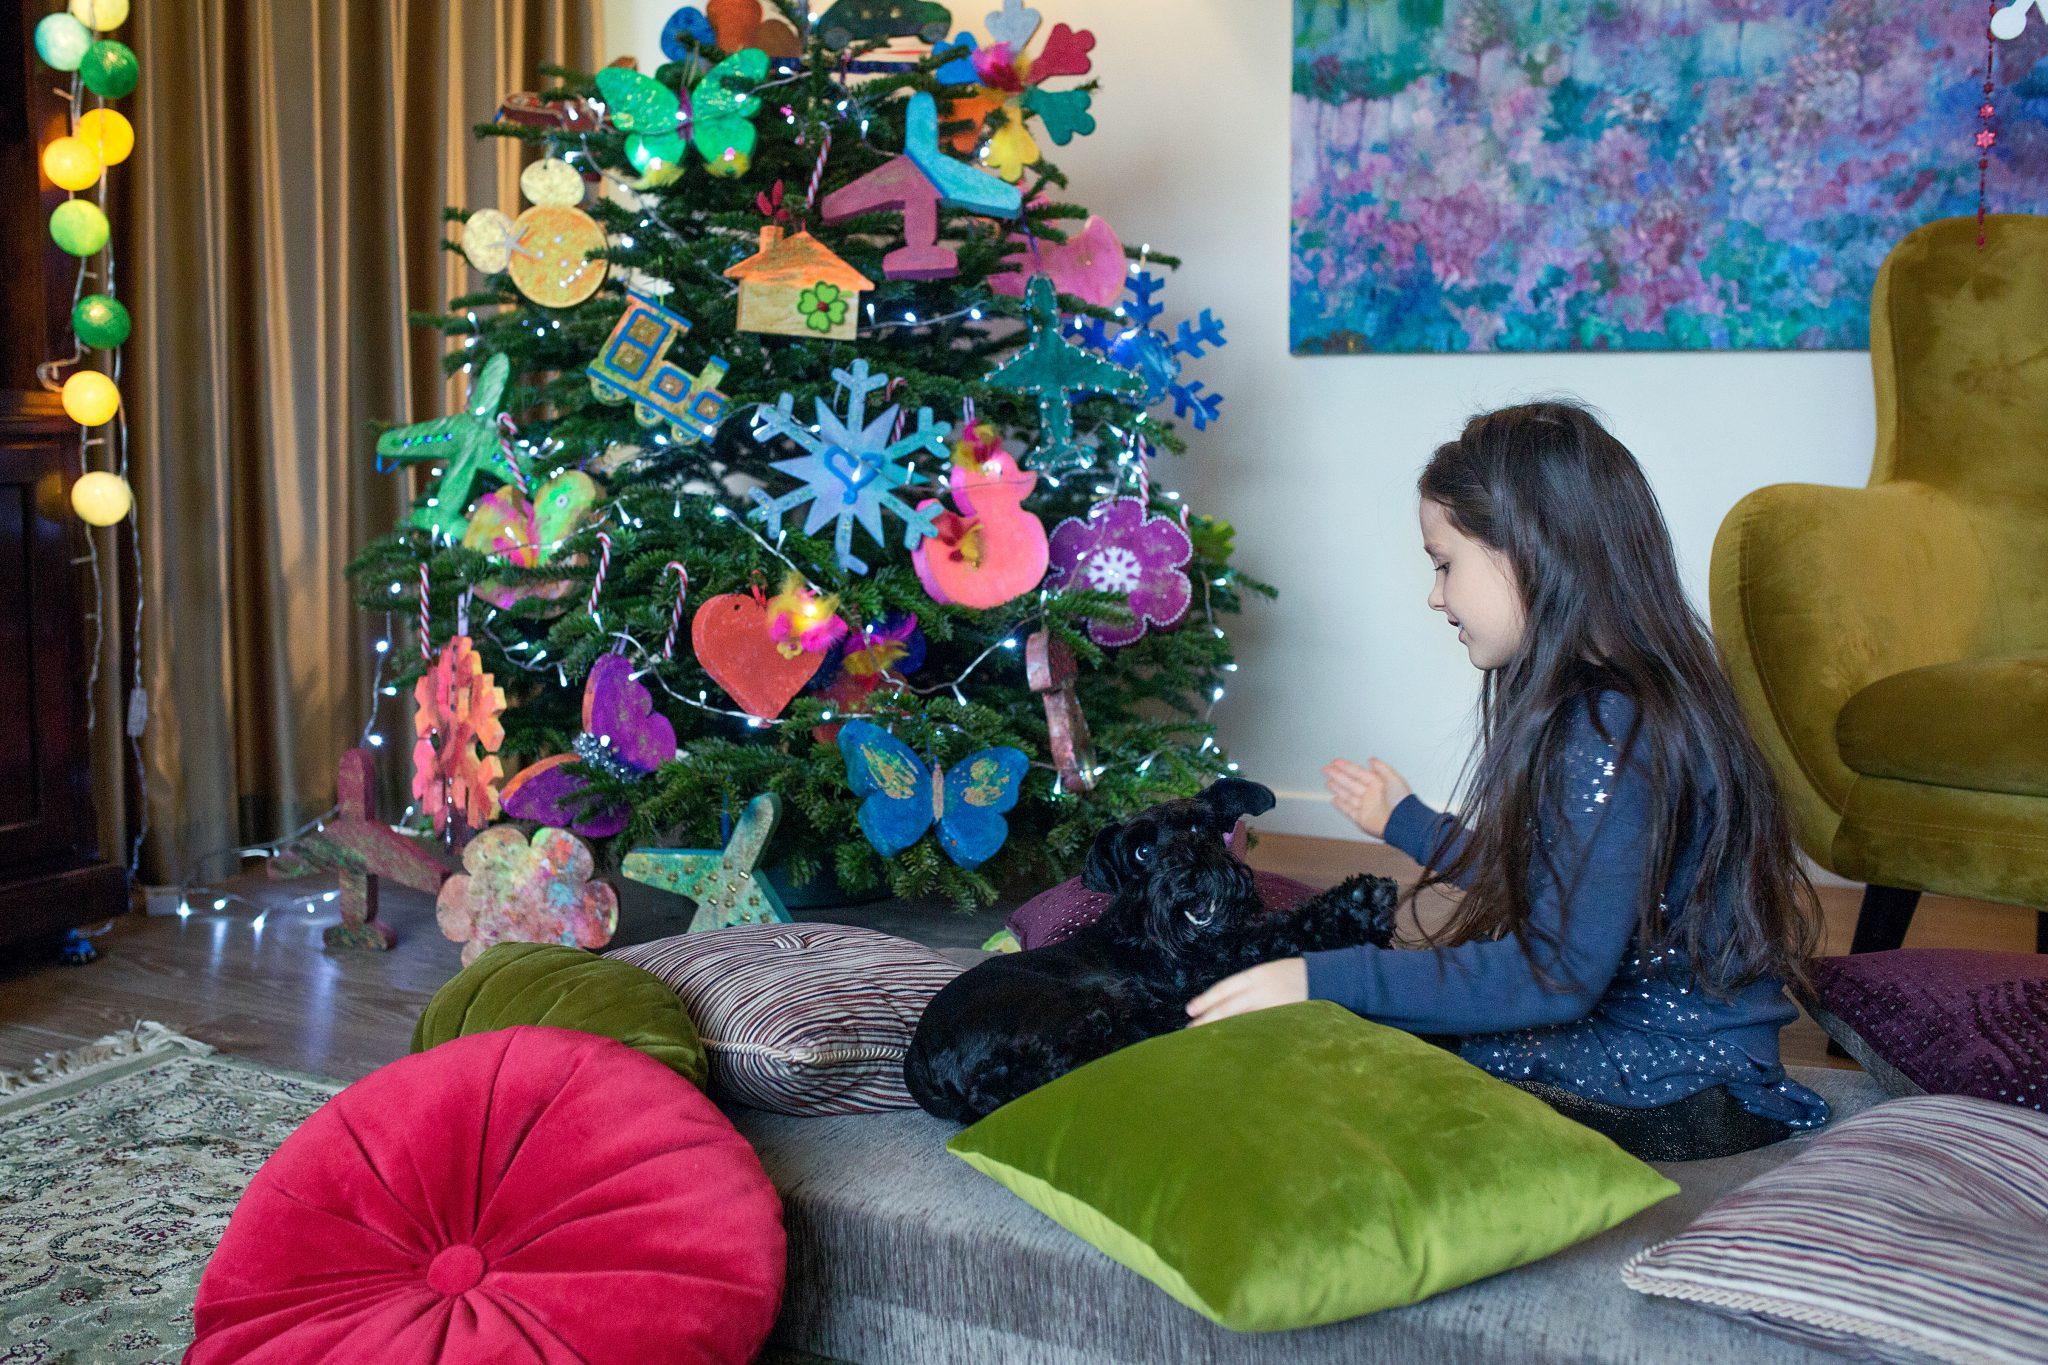 mergaitė žaidžia su šuniuku Kalėdinėje fotosesijoje studijoje